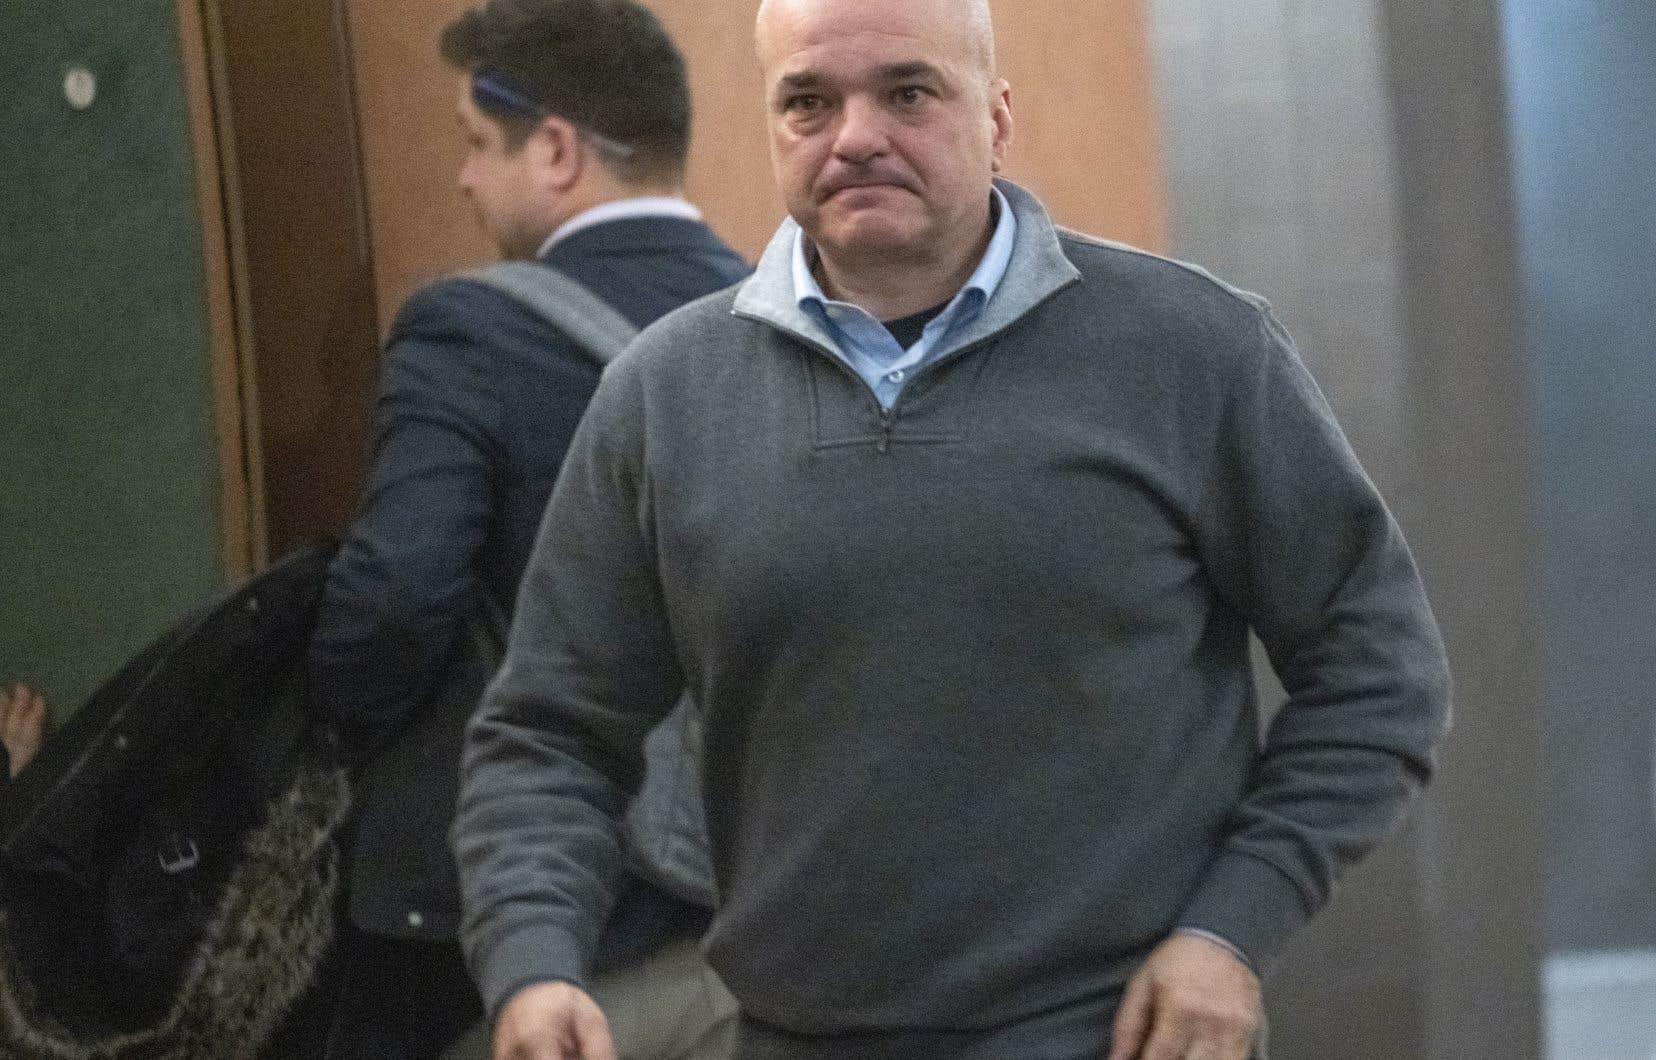 L'ancien vice-président aux finances de SNC-Lavalin Stéphane Roy n'a toujours pas subi son procès, cinq ans après le dépôt d'accusations.